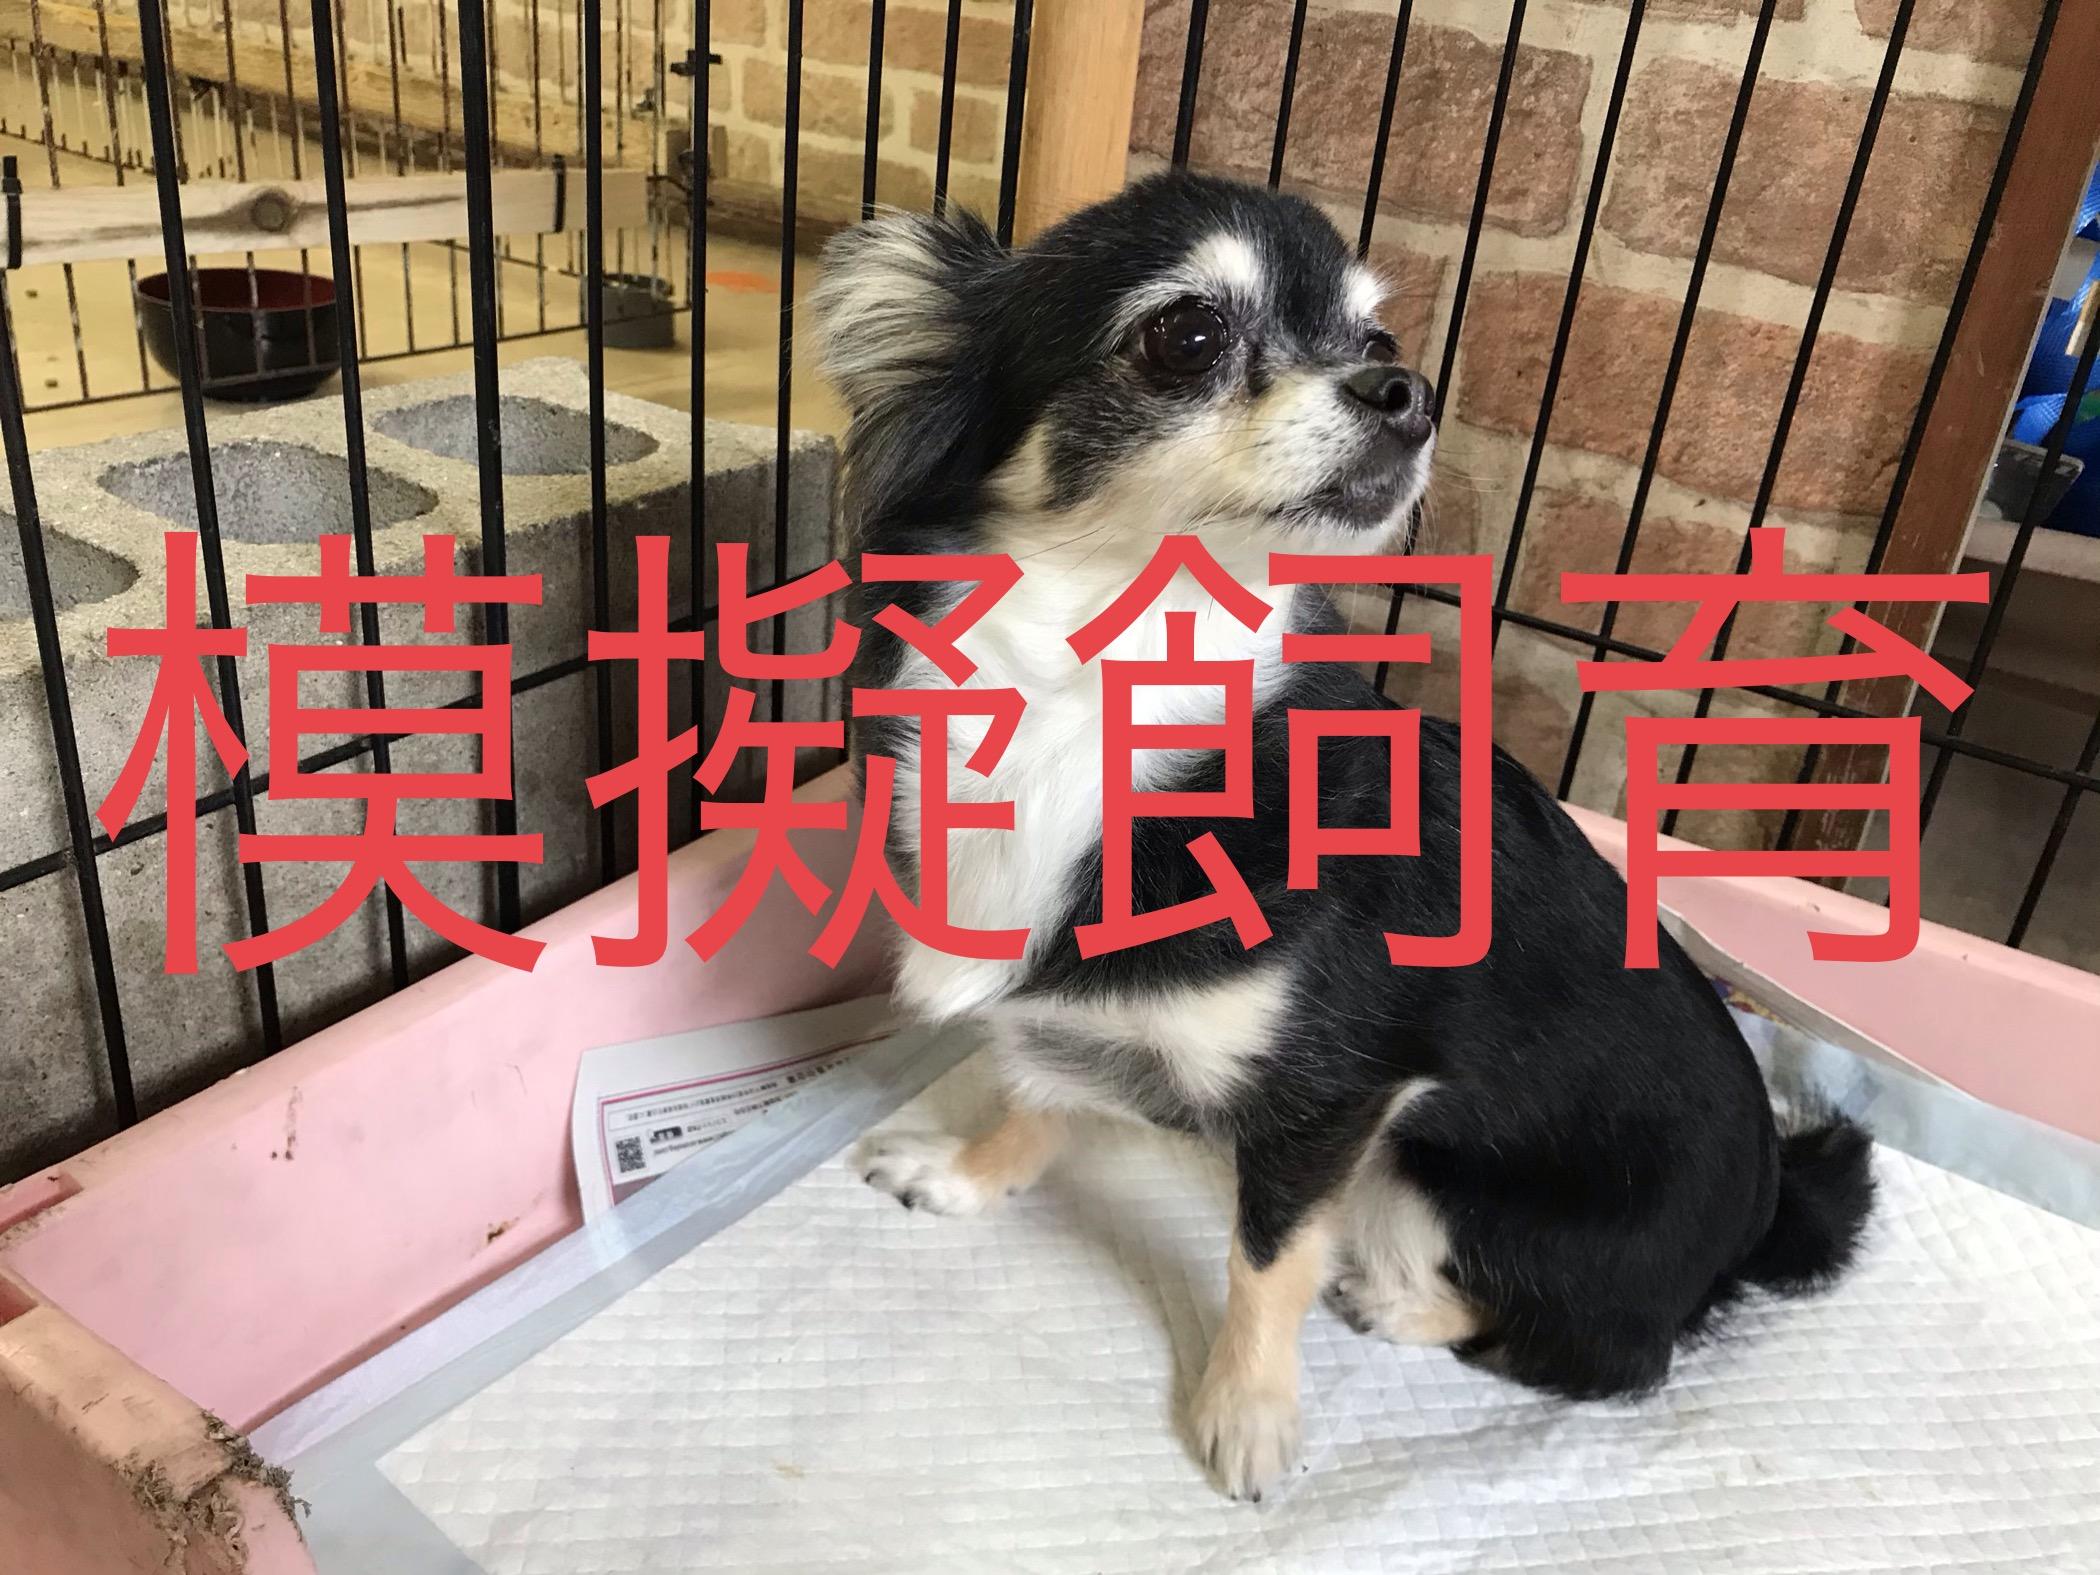 <ul> <li>犬種:チワワ BT</li> <li>性別:女の子</li> <li>名前:くぅちゃん</li> <li>年齢:2012年3月25日</li> <li>保護経緯:飼い主様の諸事情のため飼育困難になりました</li> </ul>